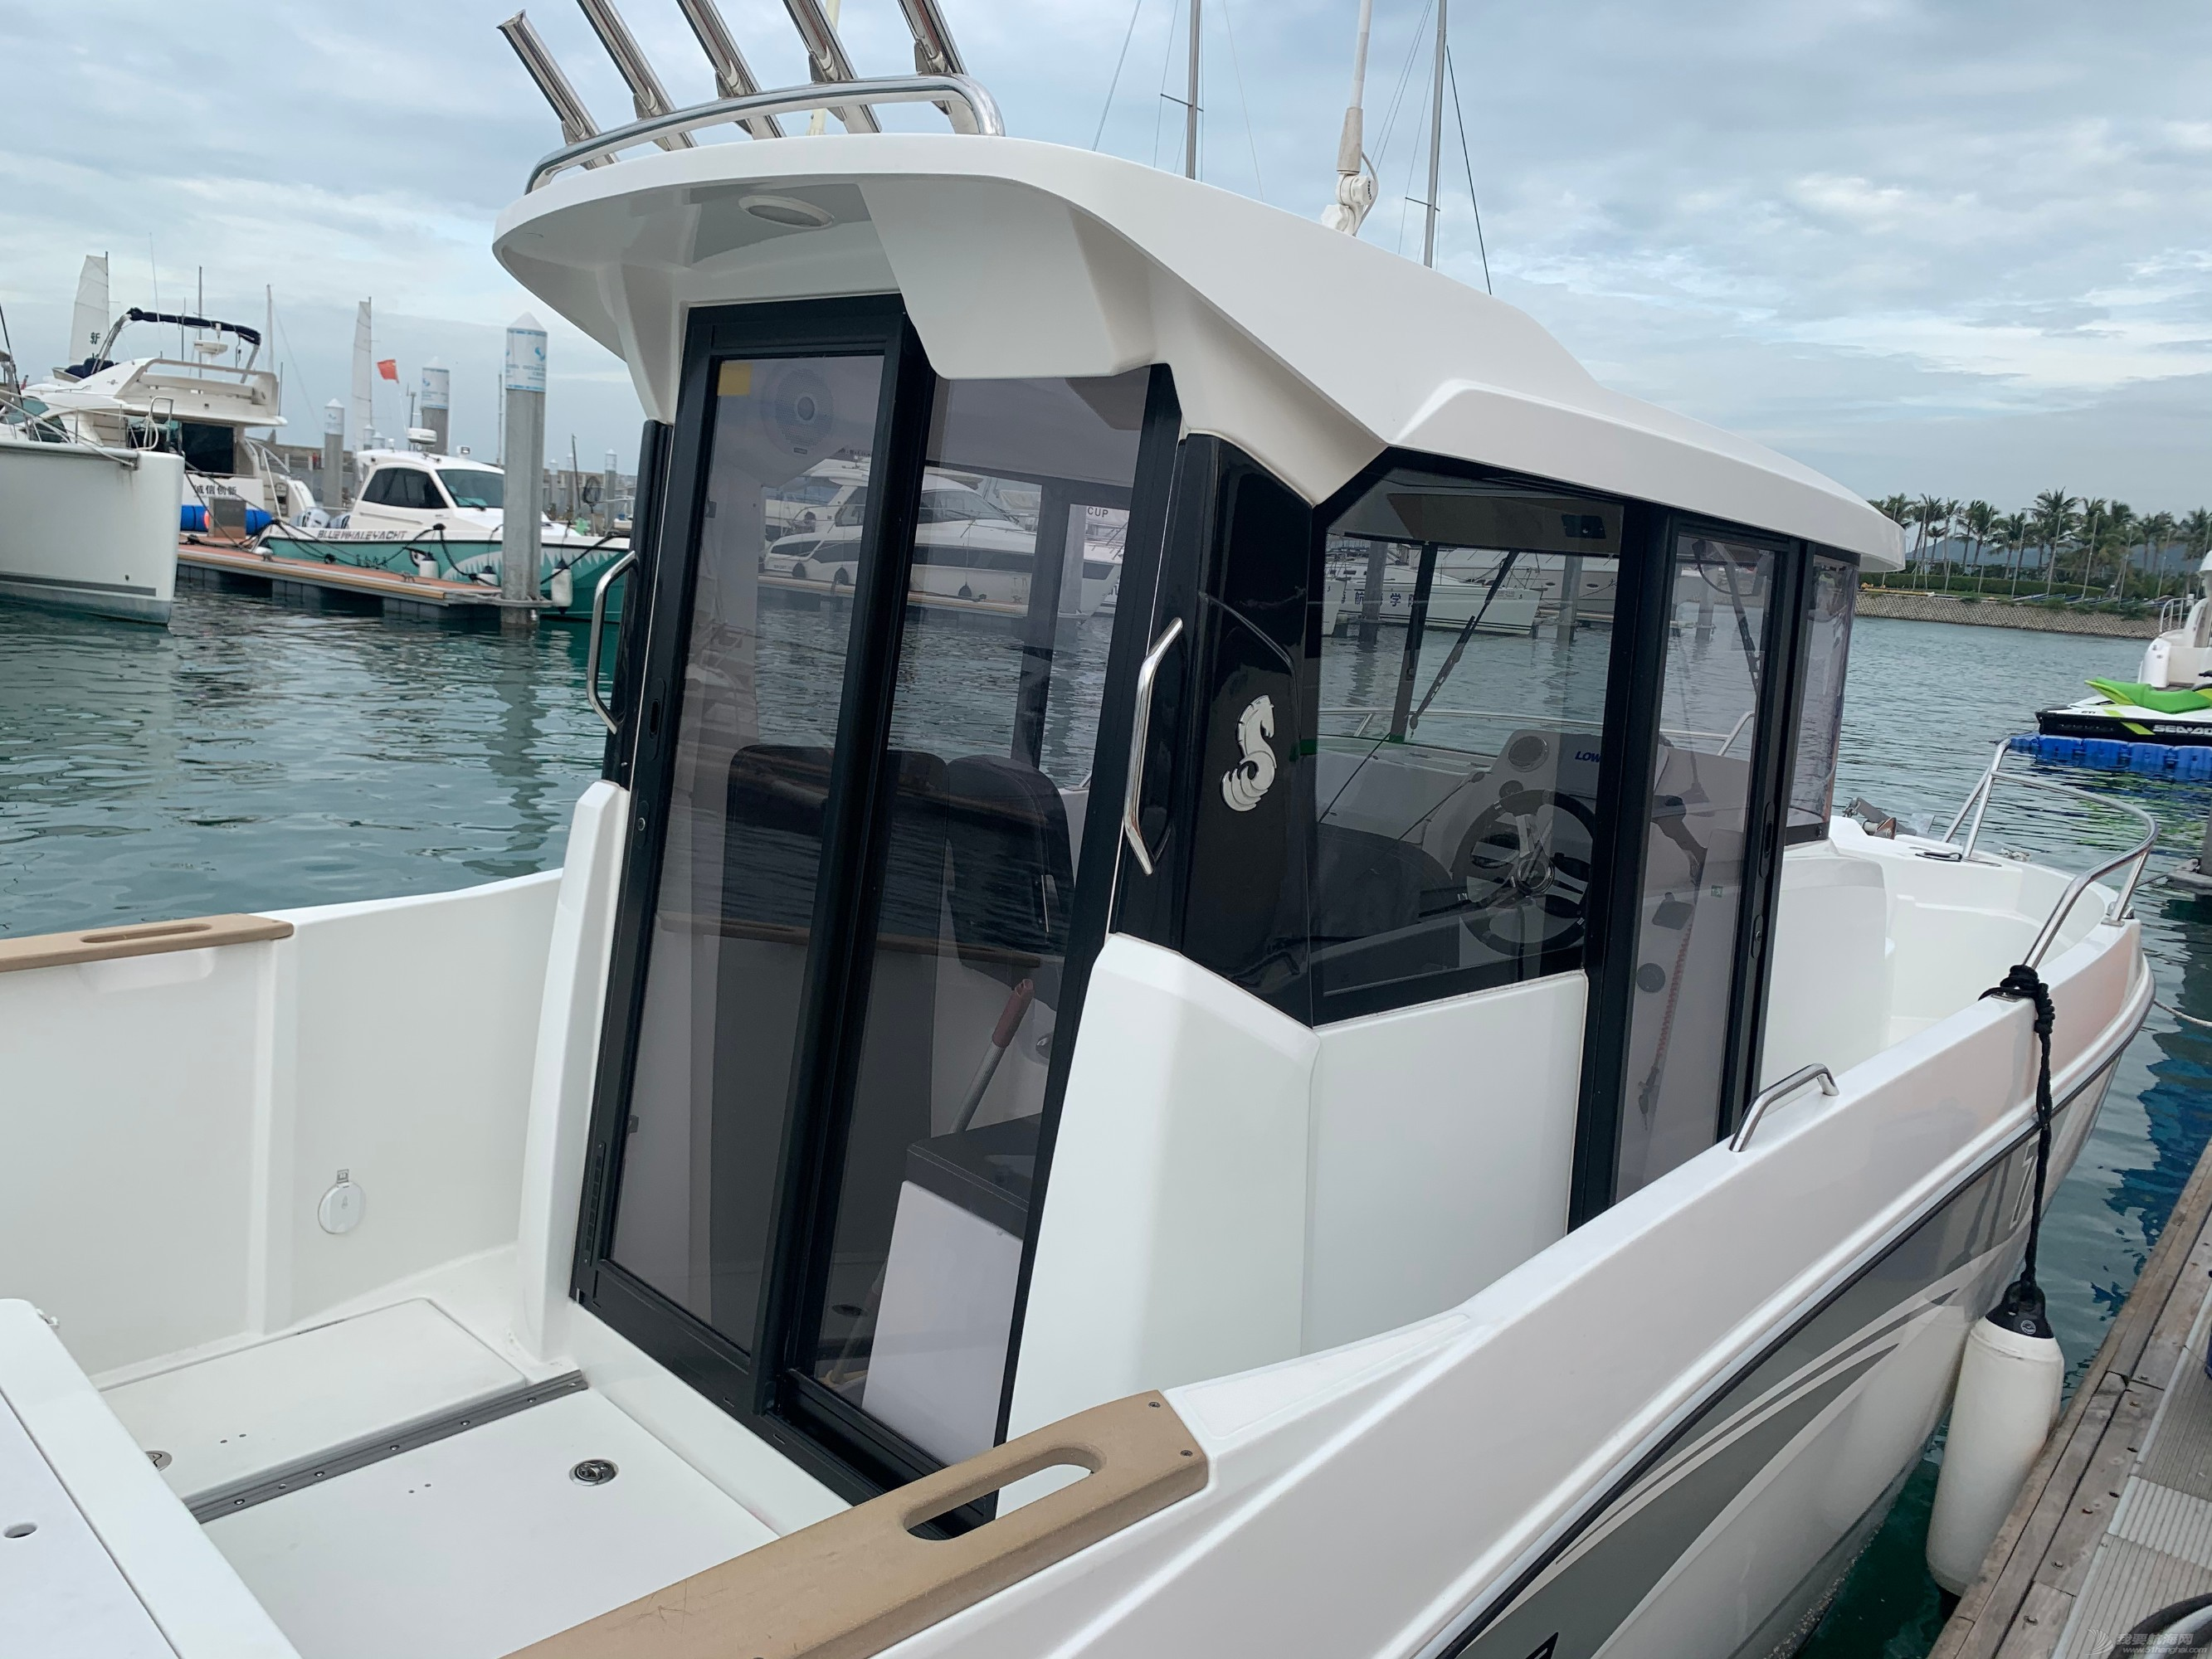 全新2019年法国进口7米钓鱼艇